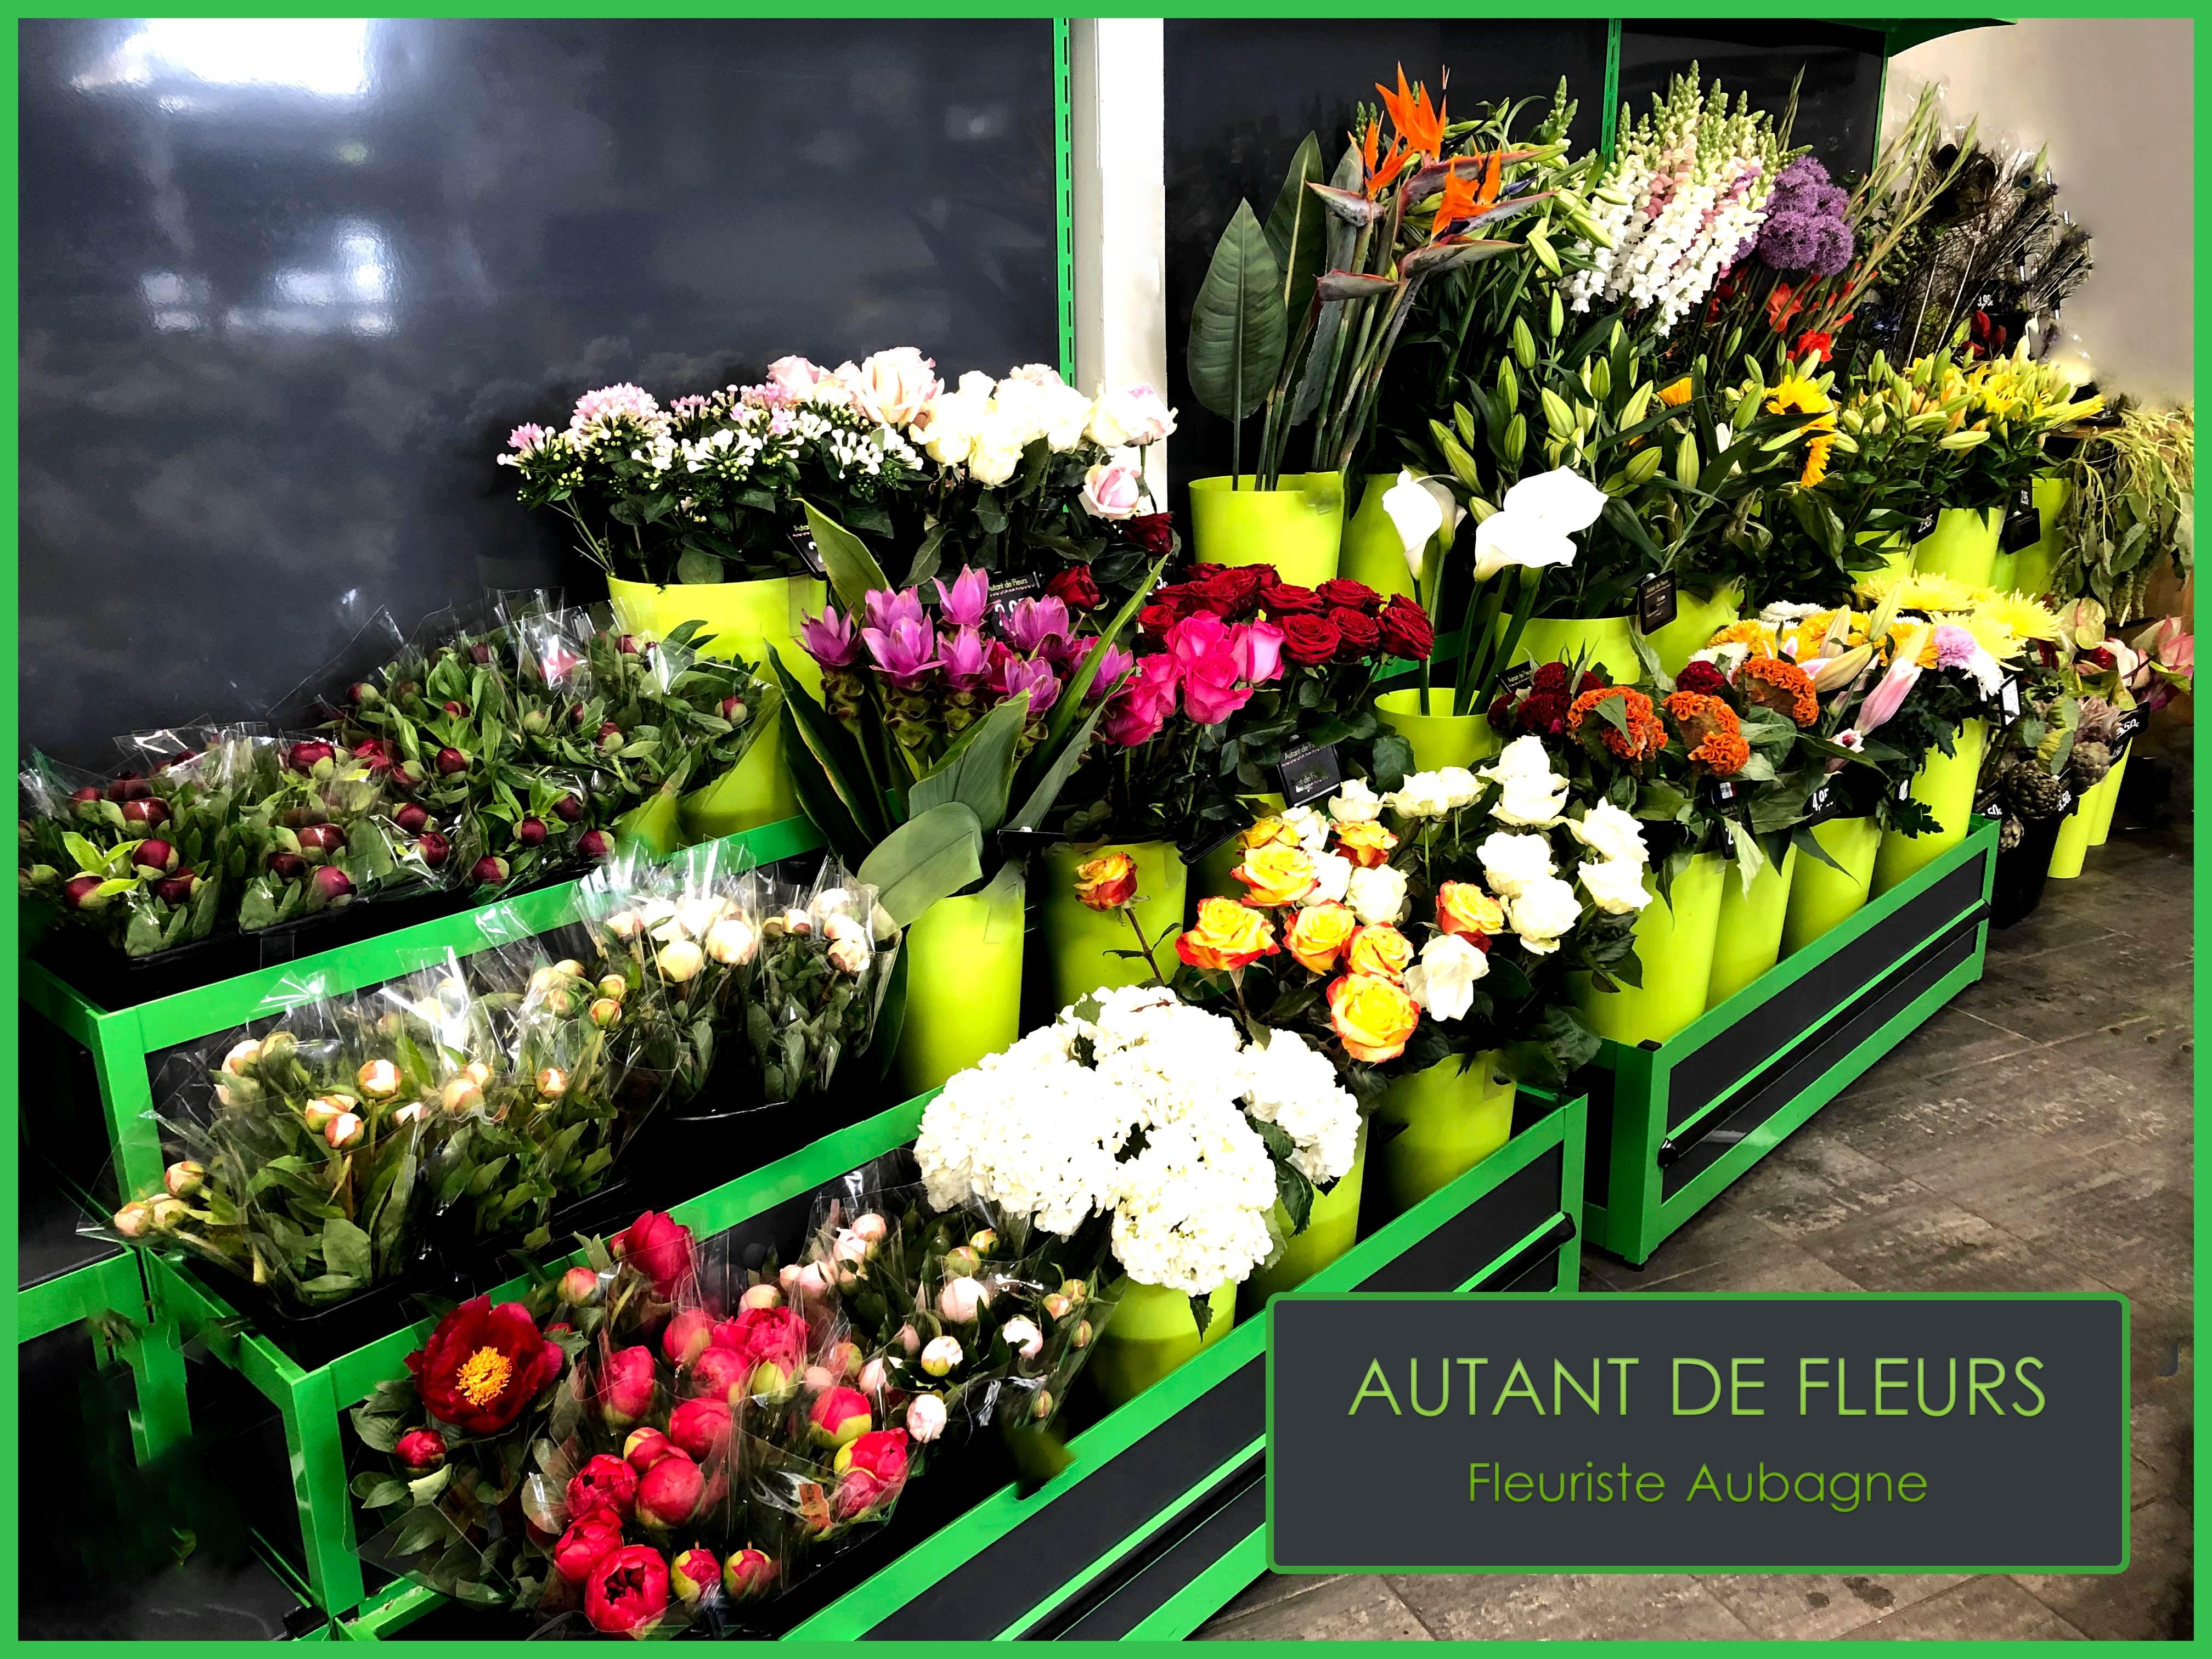 Autant de Fleurs fleuriste Aubagne